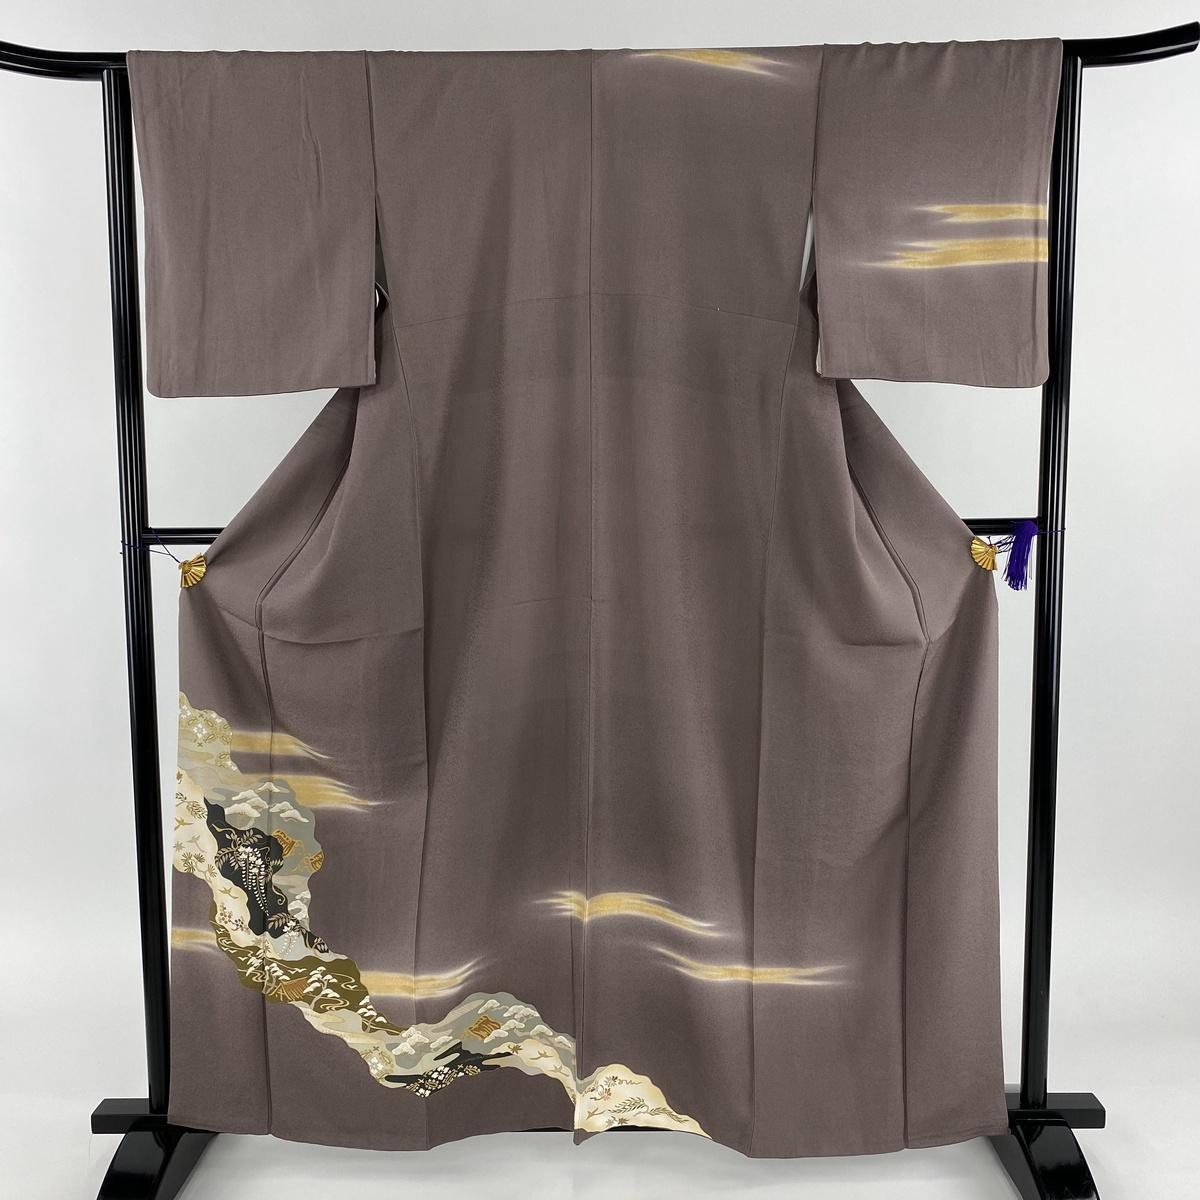 訪問着 美品 名品 道長取り 風景 金彩 灰紫 袷 身丈160cm 裄丈64.5cm M 正絹 【中古】